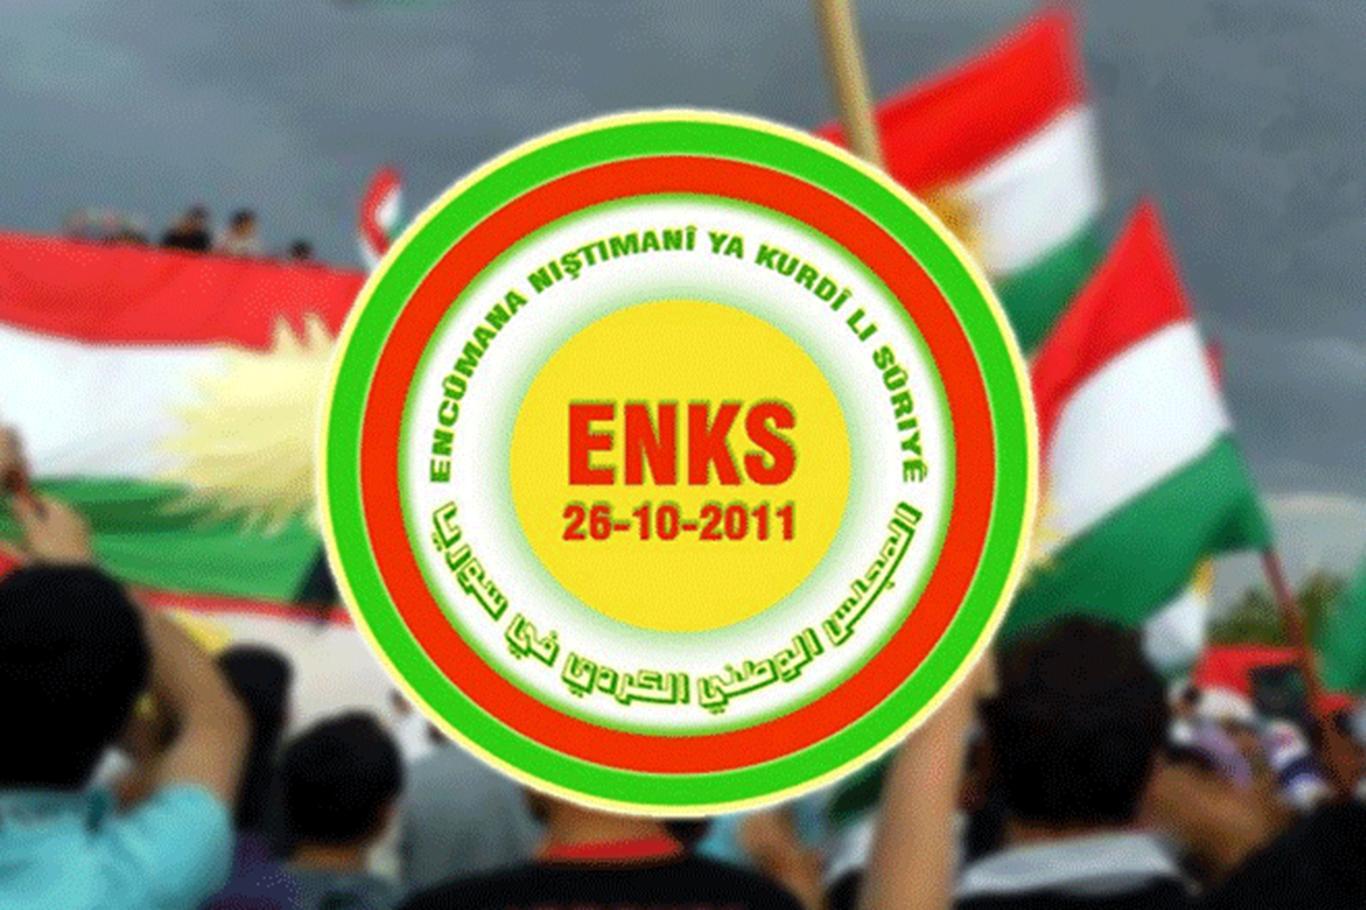 ENKS'den Rojava çağrısı: Vahşete son verin!